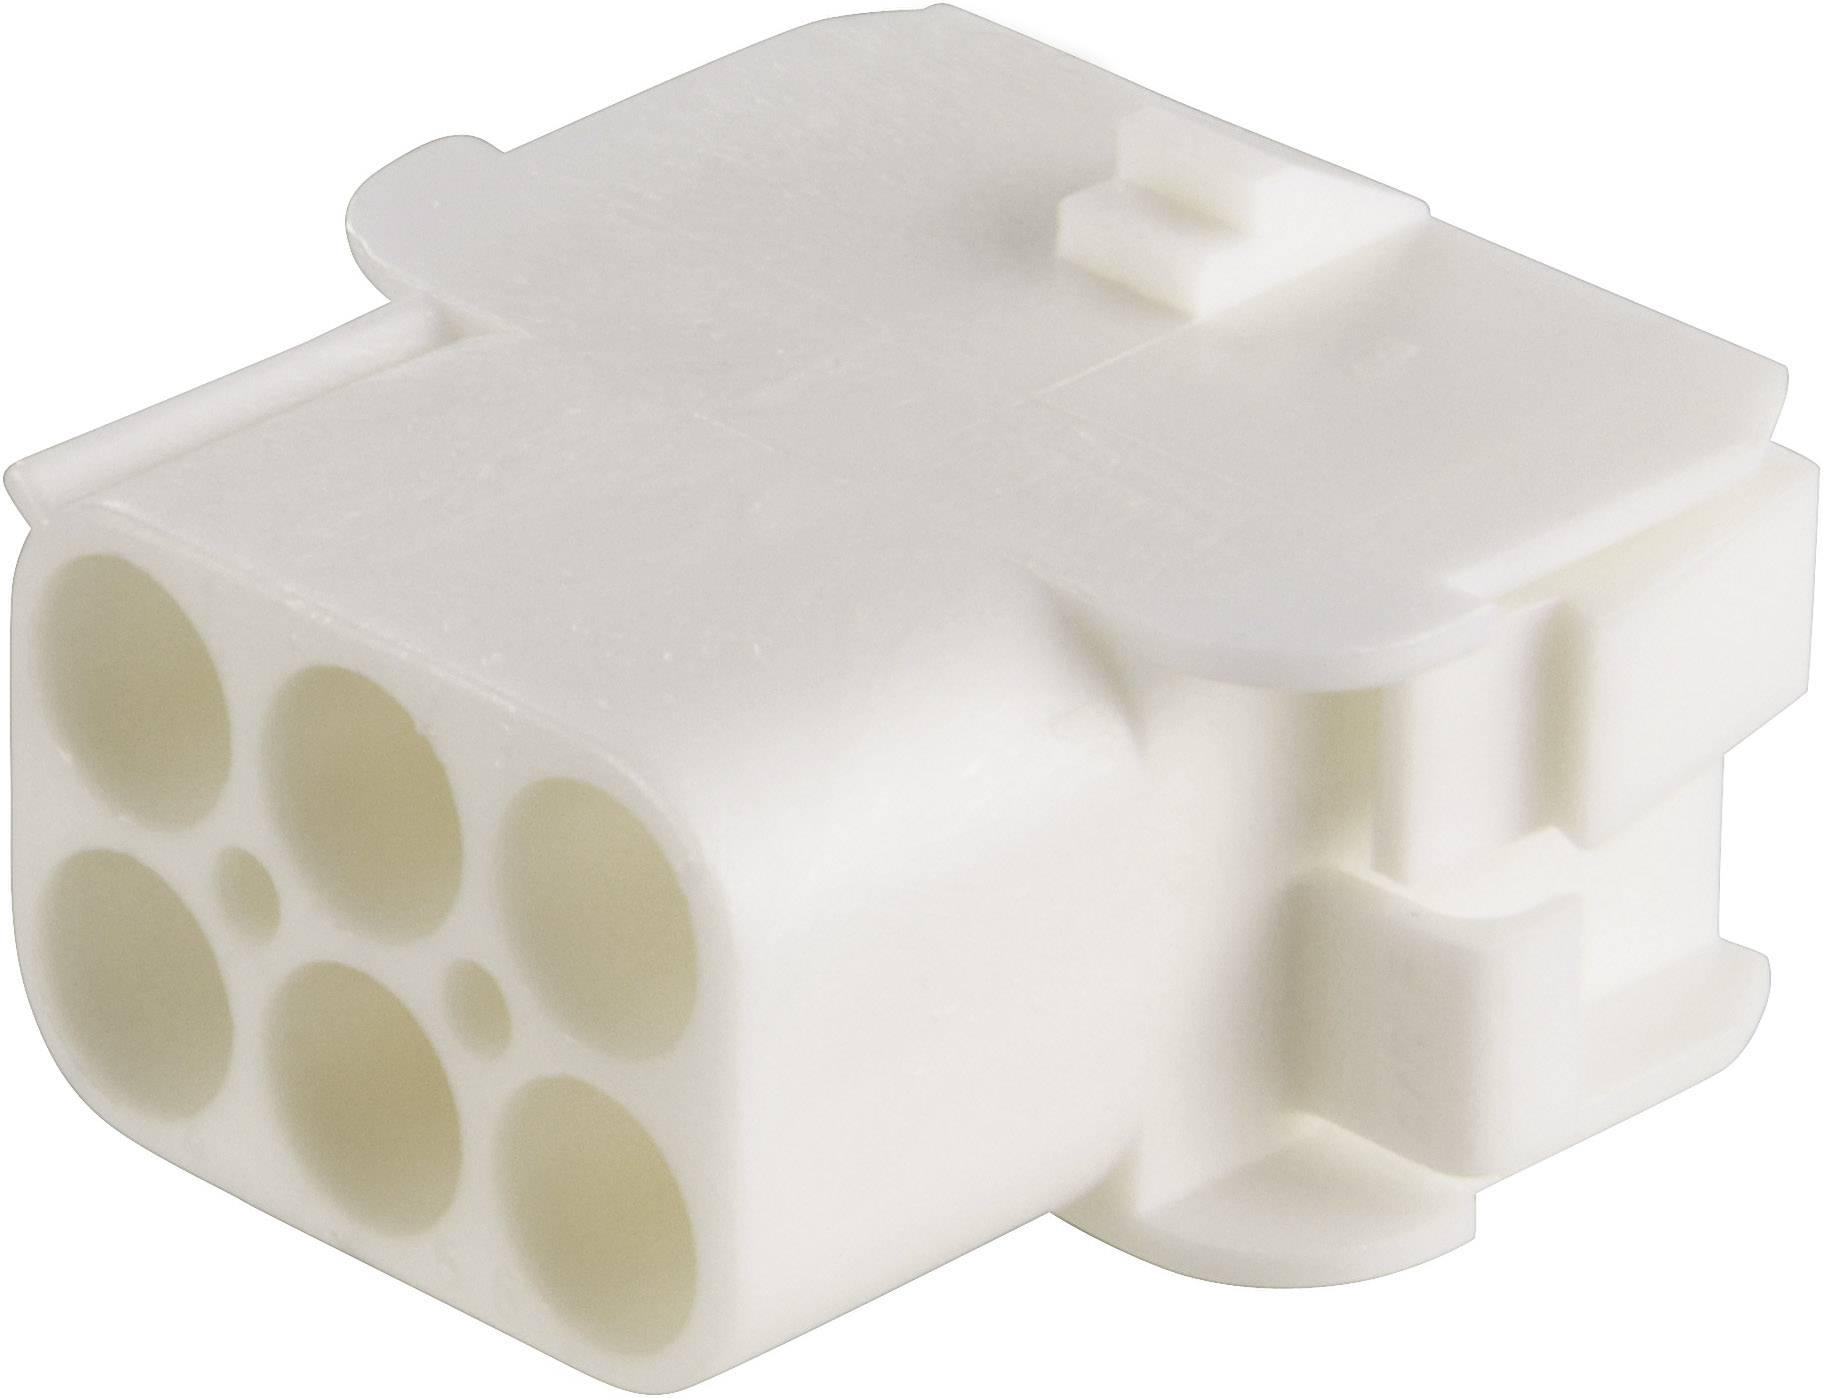 Zásuvkové púzdro na kábel TE Connectivity 926682-3, počet pólov 6, raster 6.35 mm, 1 ks